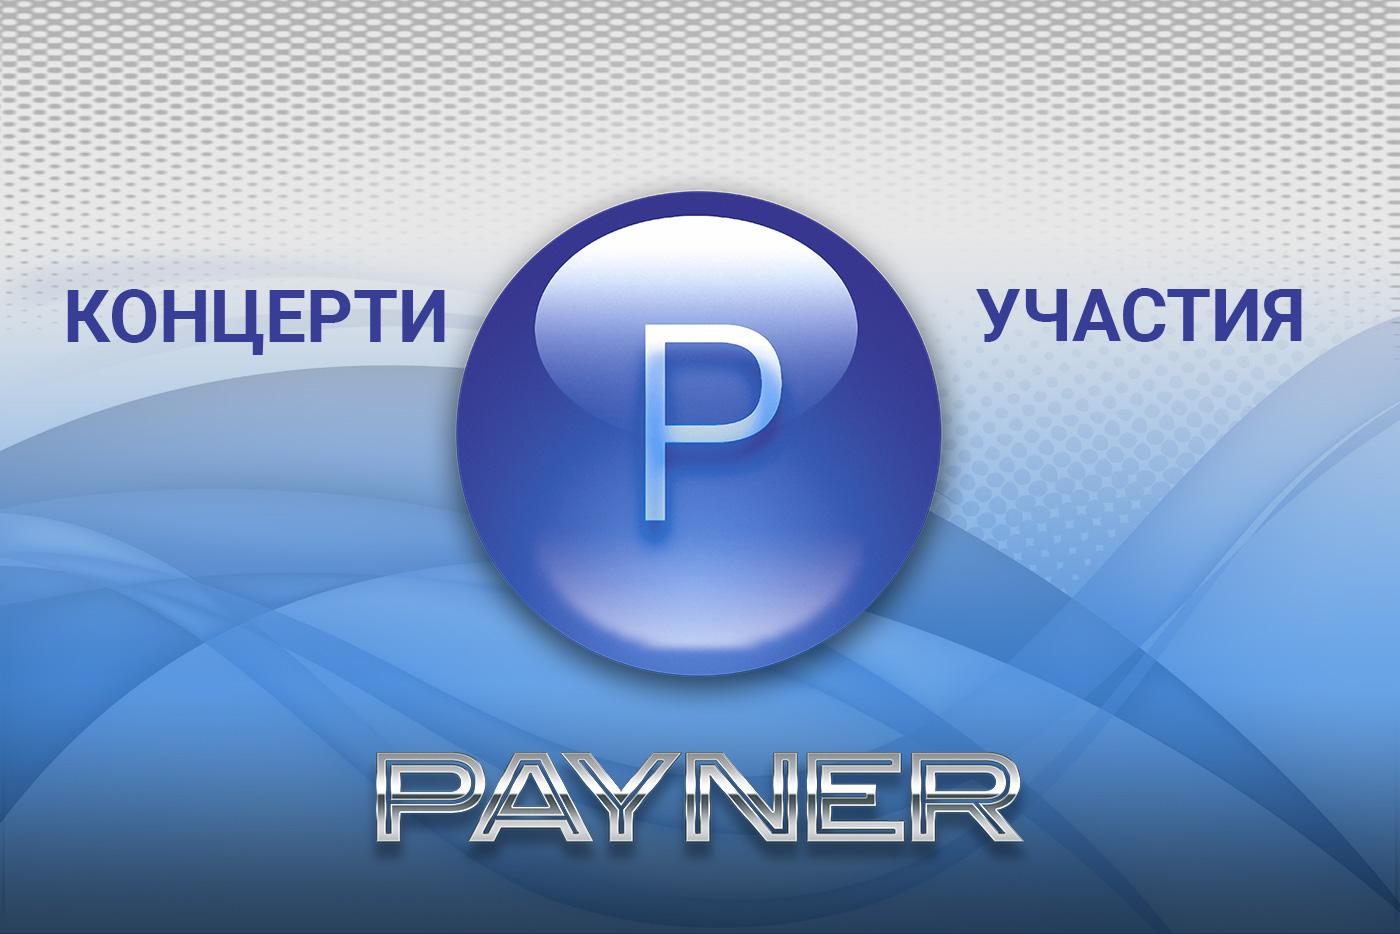 """Участия на звездите на """"Пайнер"""" на 21.01.2019"""